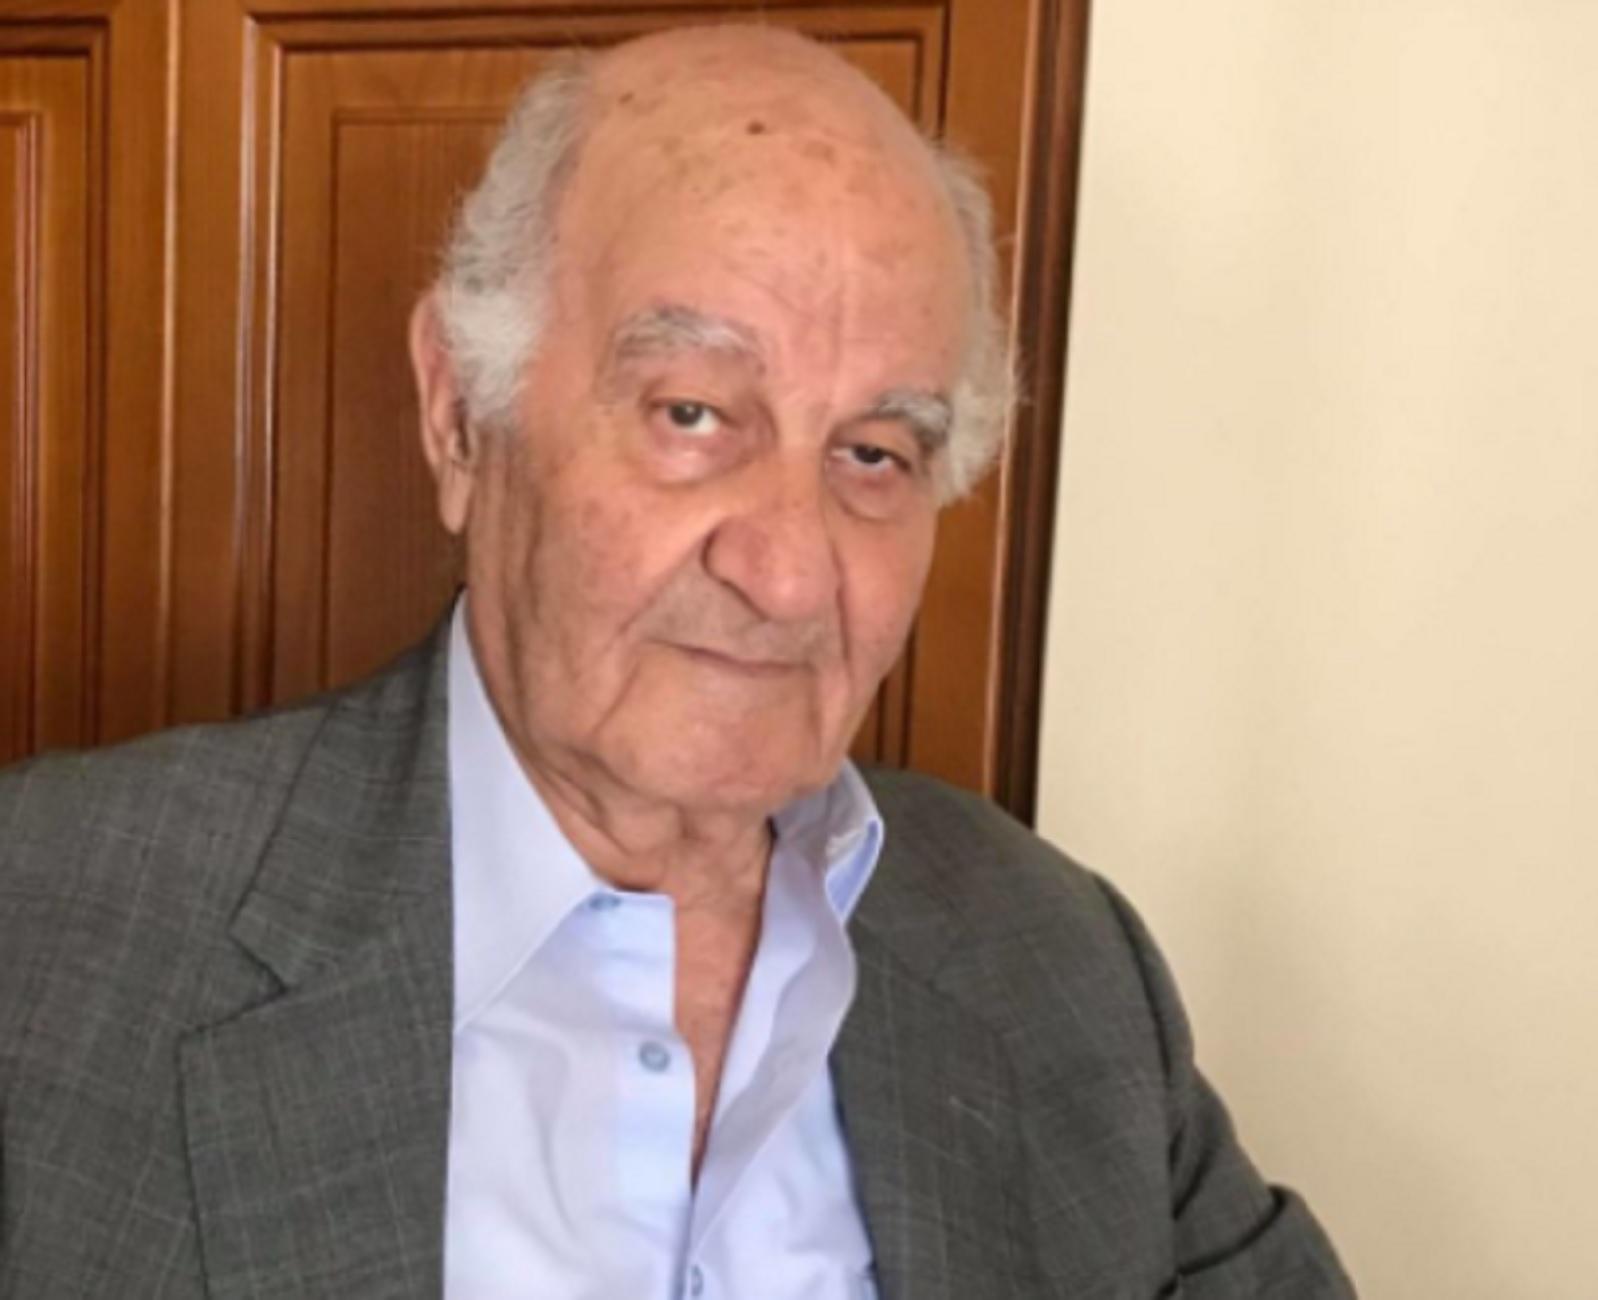 Λάρισα – Κορονοϊός: Πέθαναν θείος και ανιψιός μέσα σε λίγες ώρες – Το μεσημέρι οι κηδείες τους